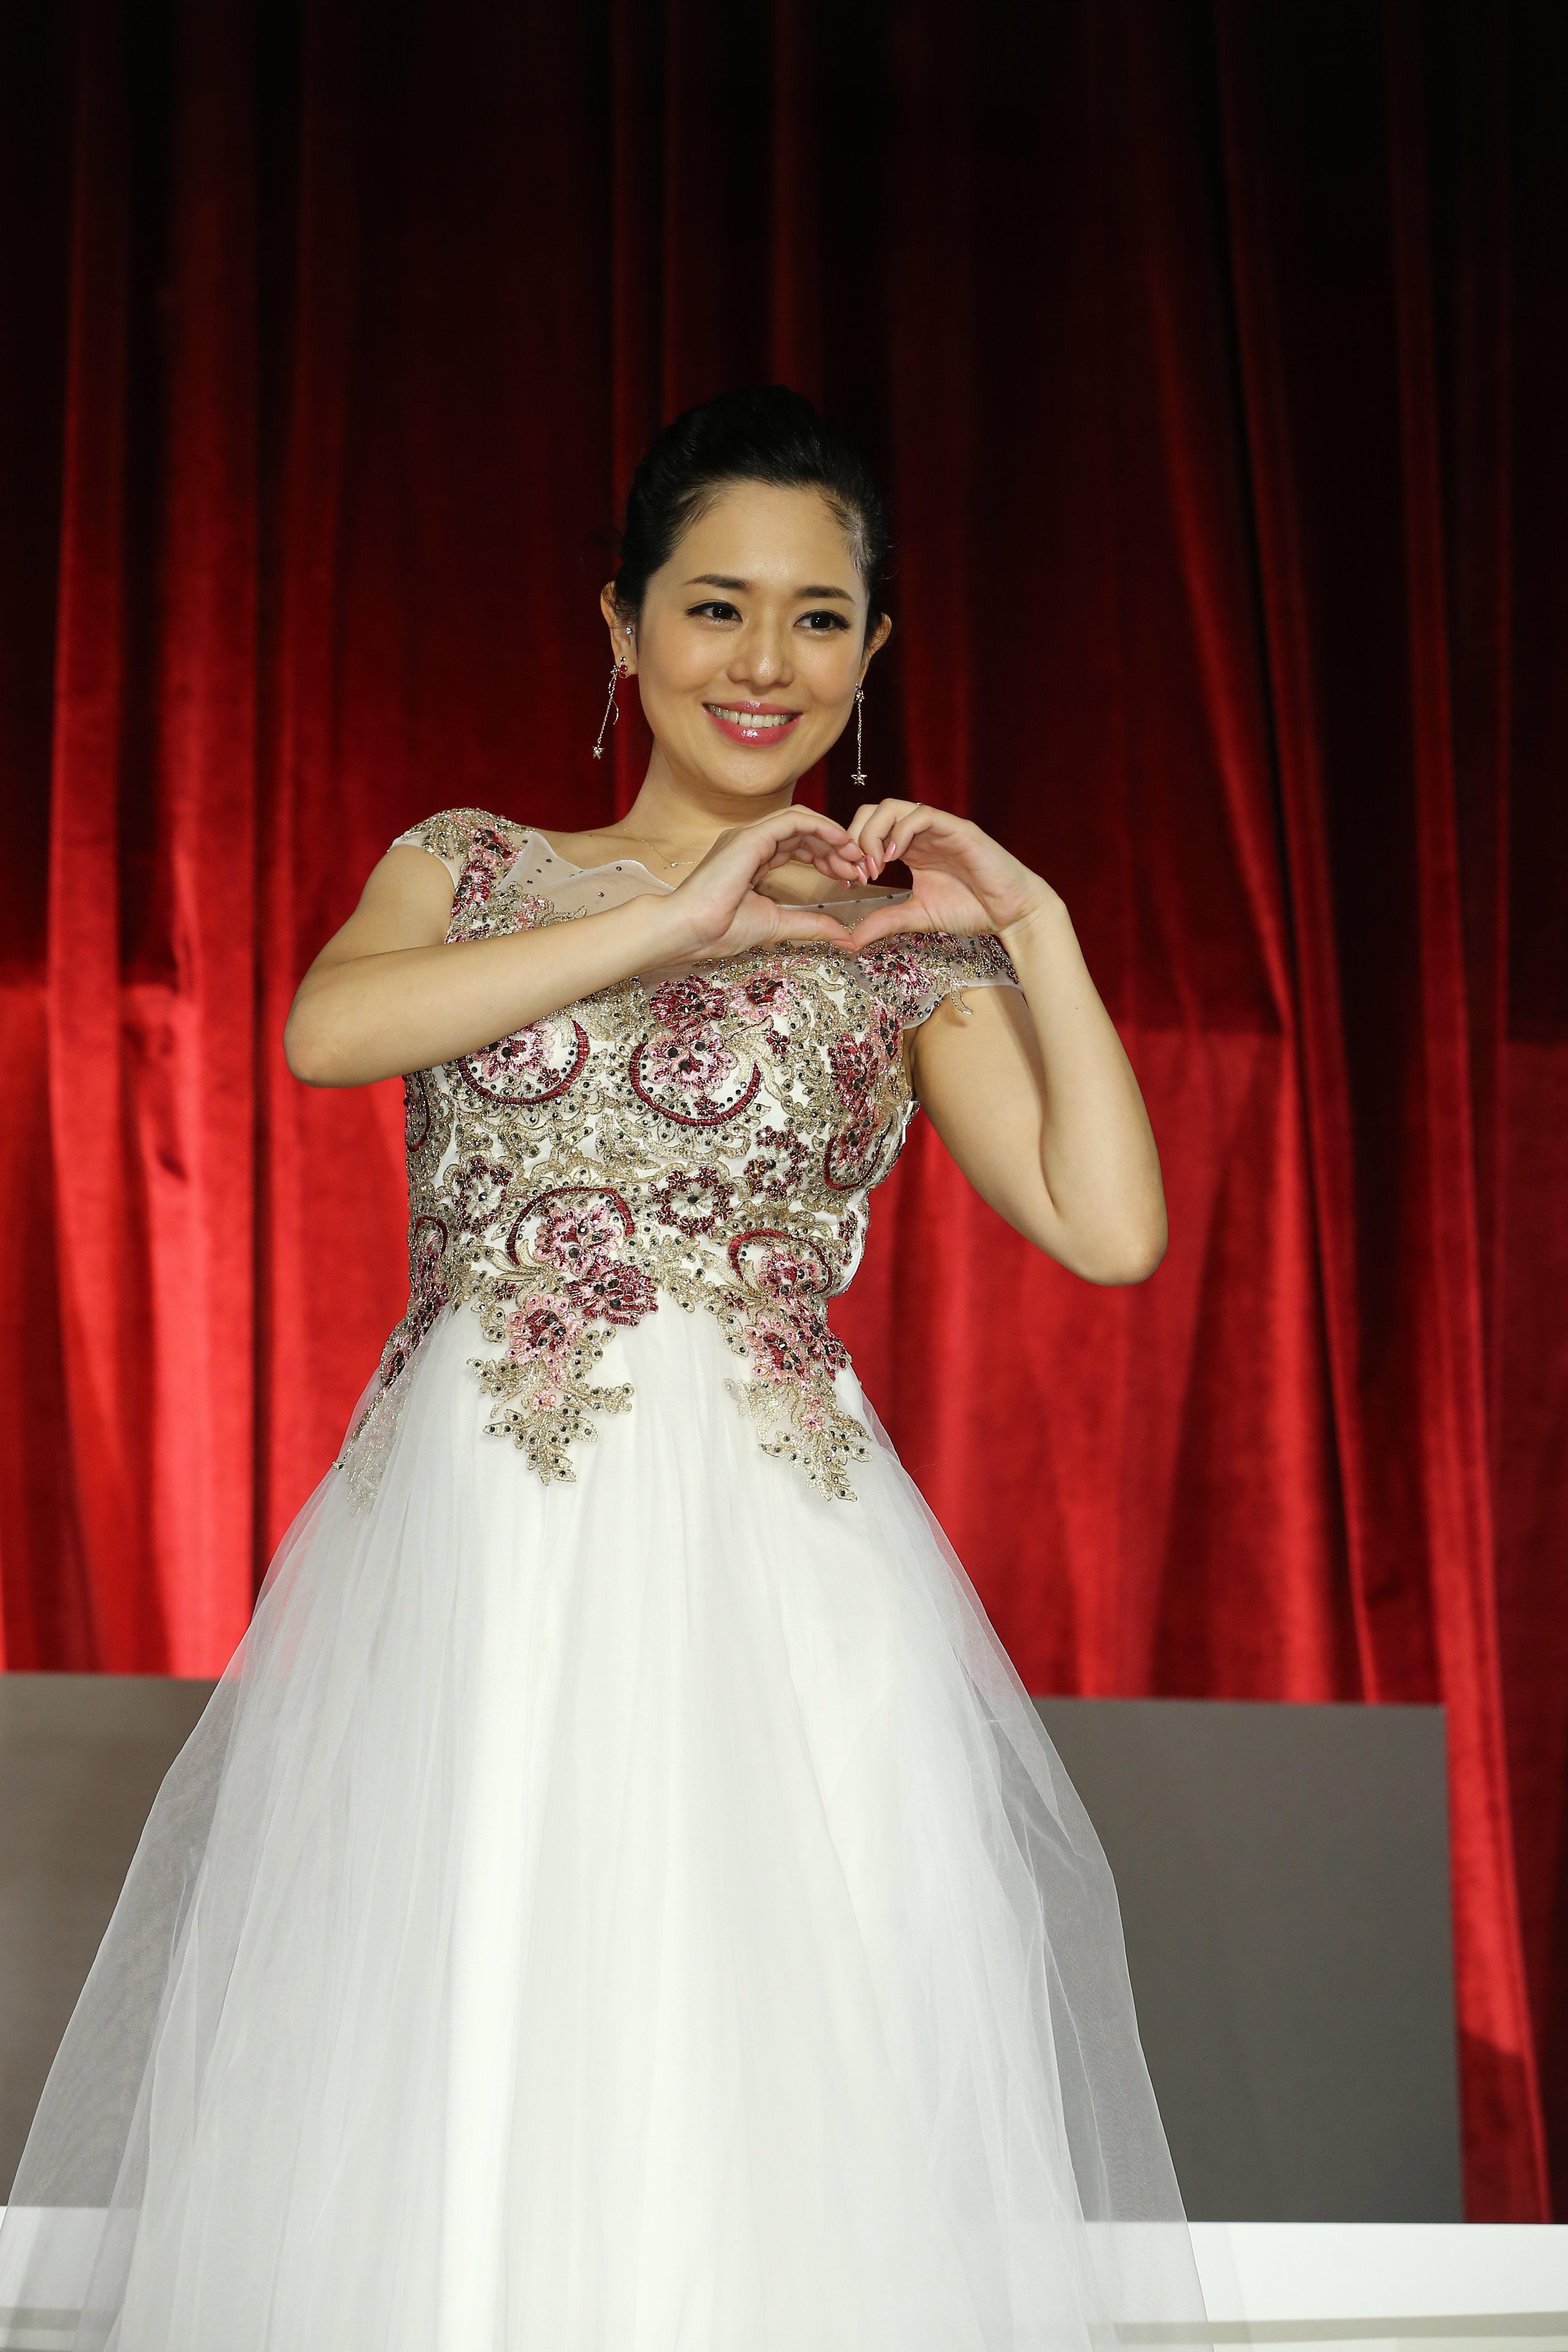 아오이 소라가 아시아의 임신축하에 감사를